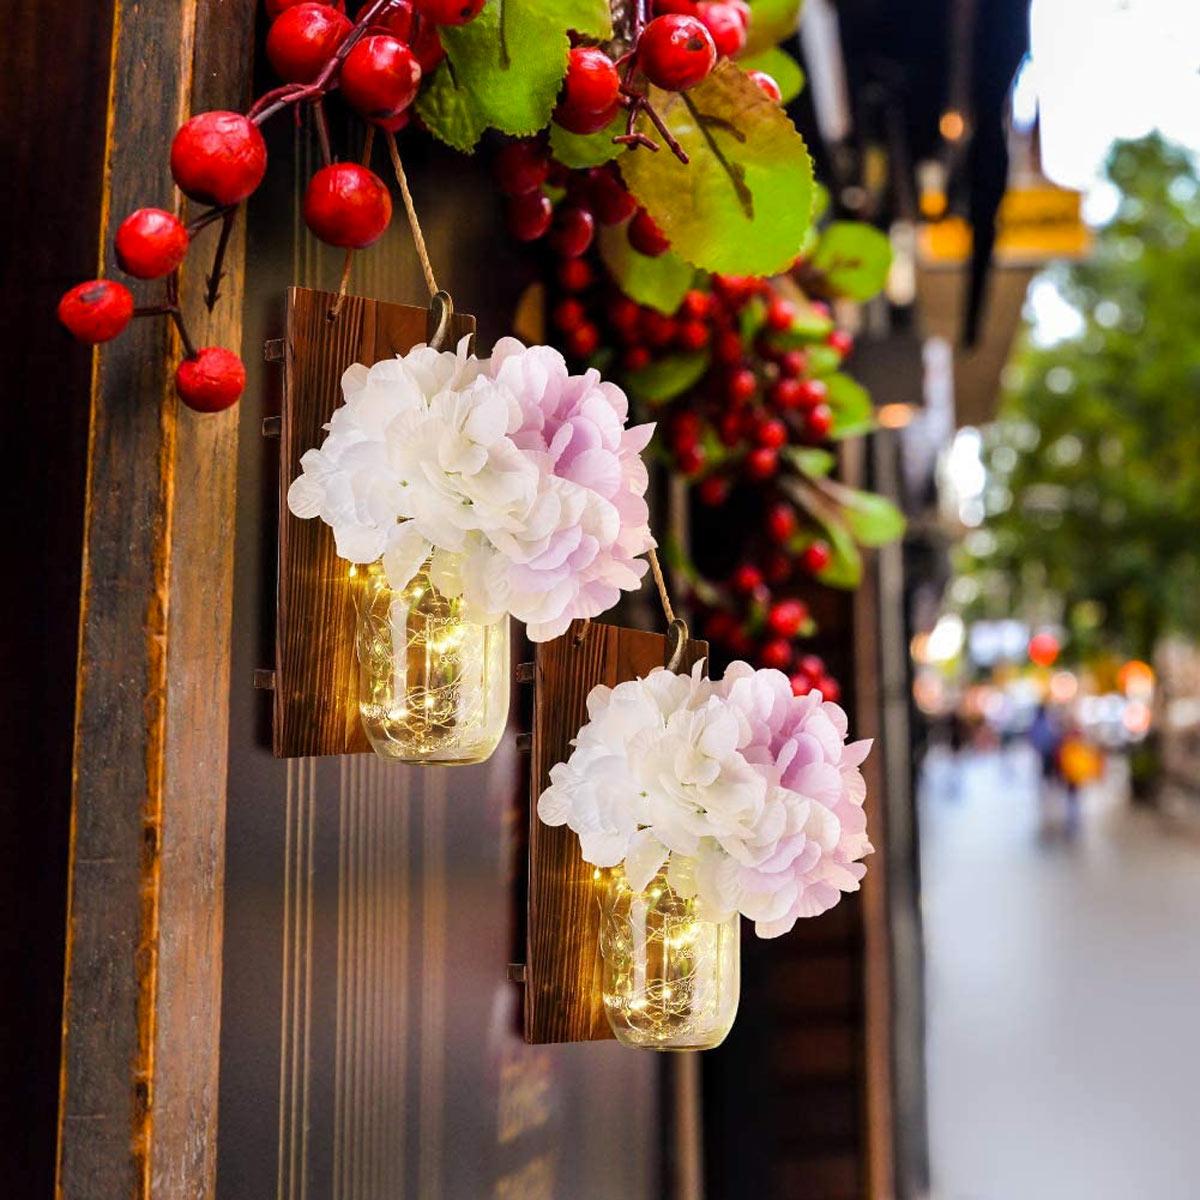 Decorazione fai da te da parete con pallet e barattoli di vetro.